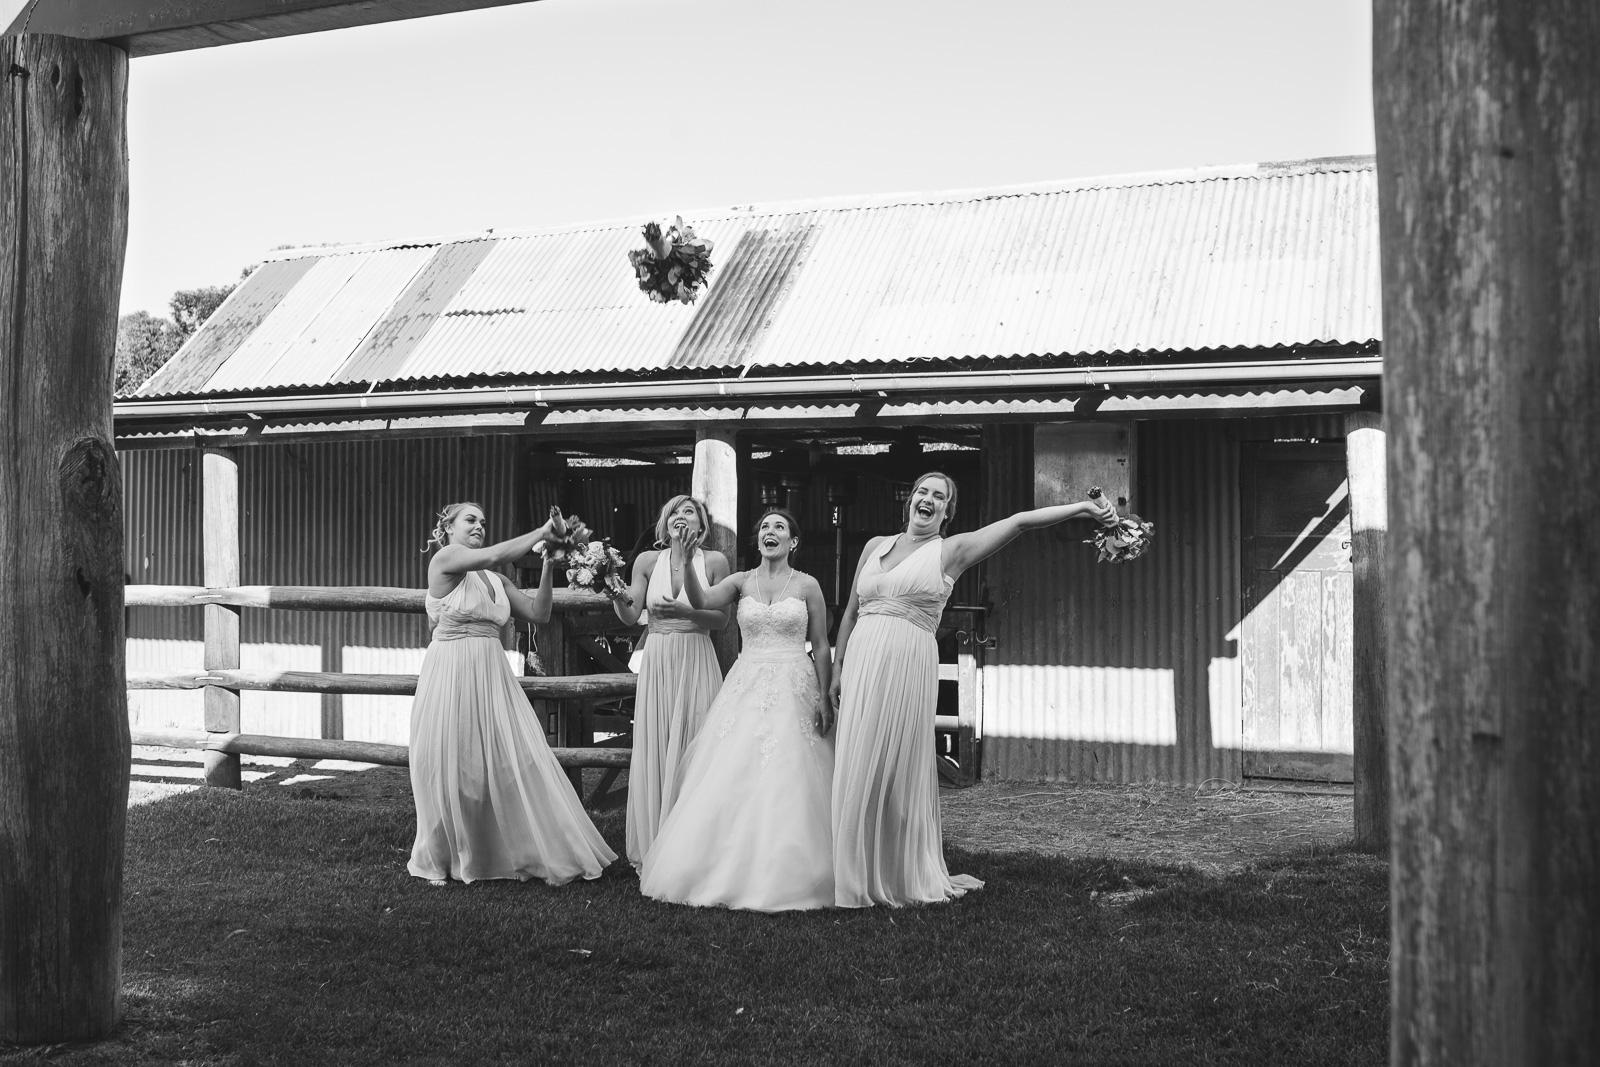 Tobruk-sheep-station-sydney-wedding (102).jpg